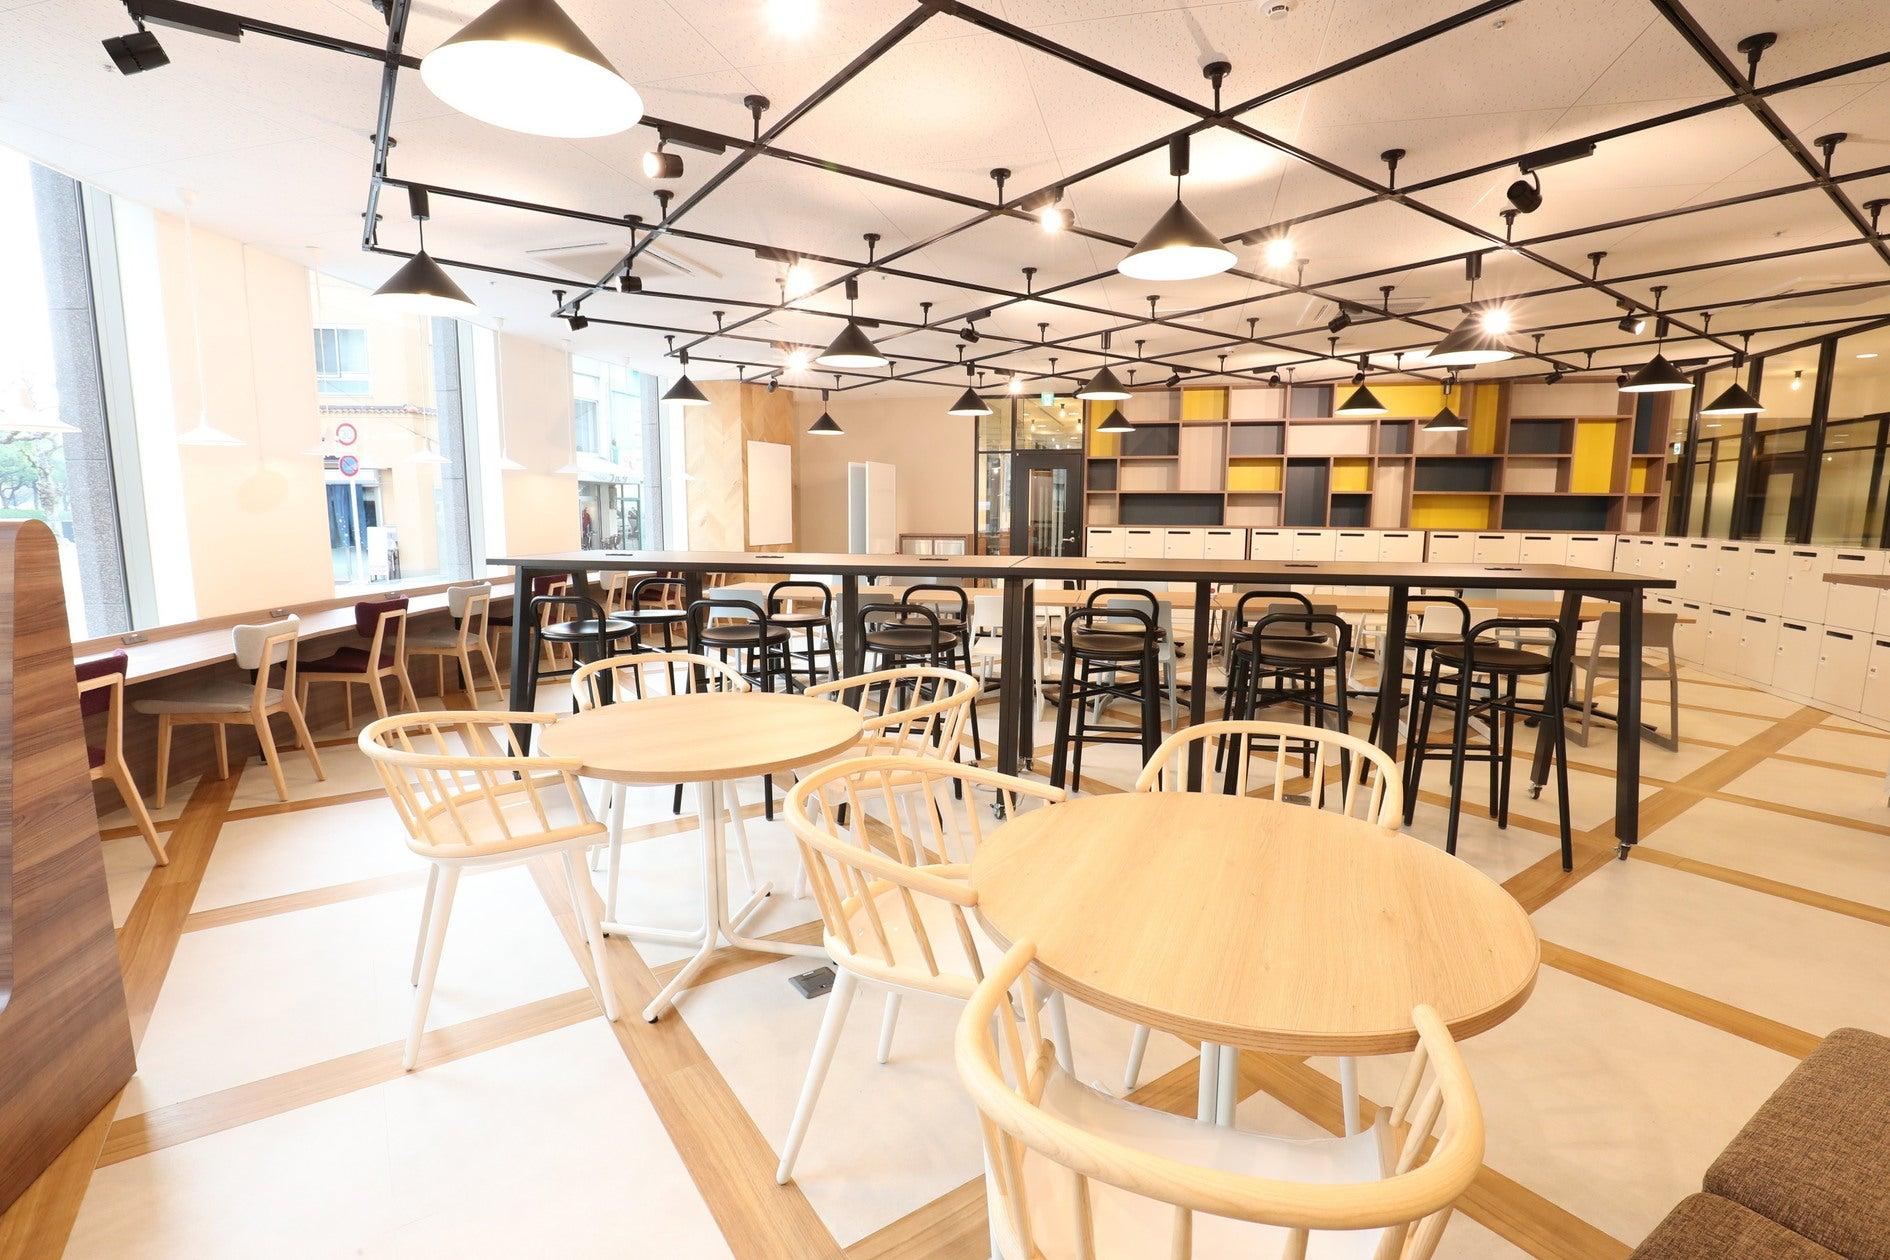 【広島駅徒歩5分】2017年オープン!明るく開放的なスペースで、セミナーや説明会、各種イベントにご利用いただけます!( fabbit 広島駅前) の写真0